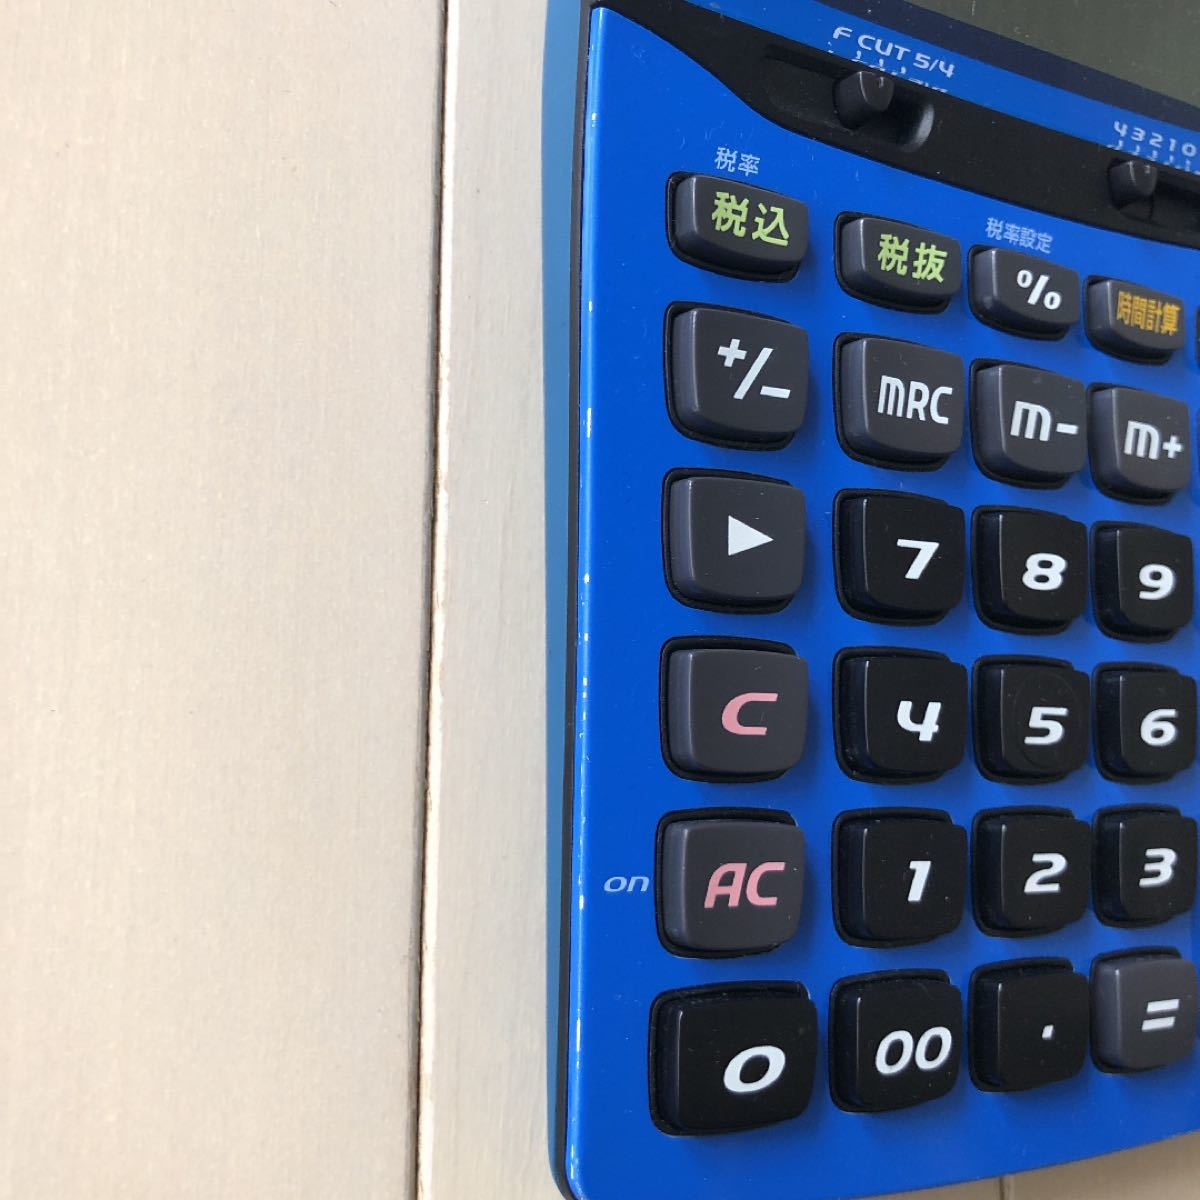 CASIO 電卓 カシオ JF-A200  クールブルー